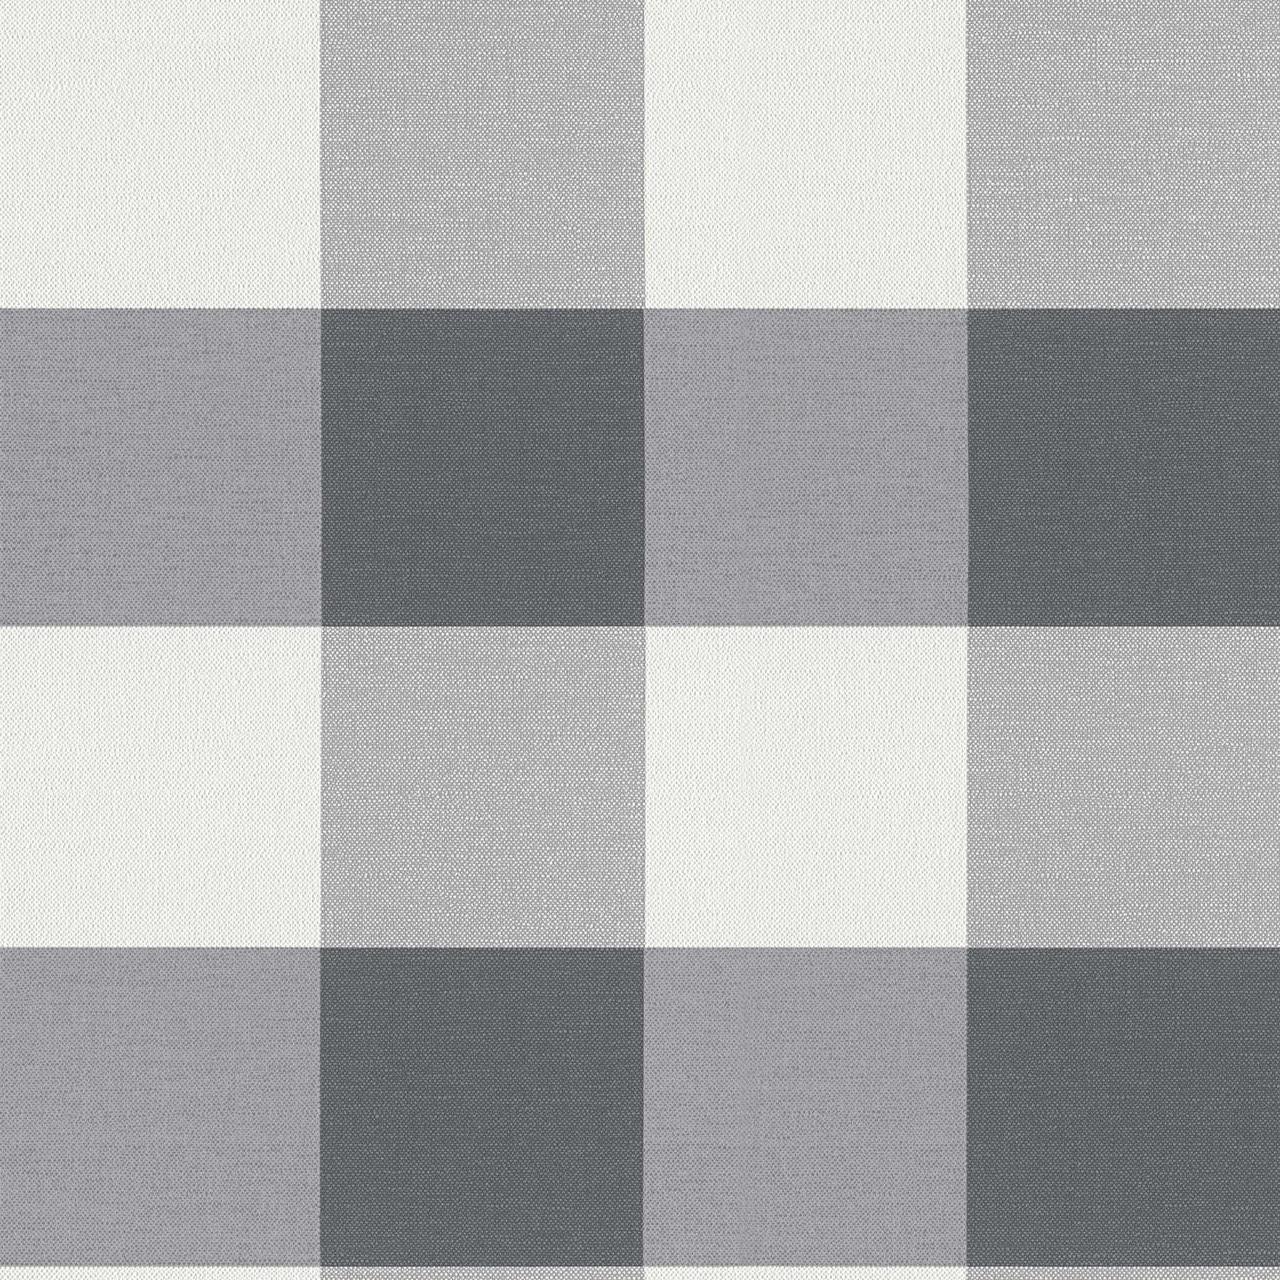 Немецкие обои ретро 206367 в крупную светло и темно серую клетку на белом, оттенка графит и мокрый асфальт